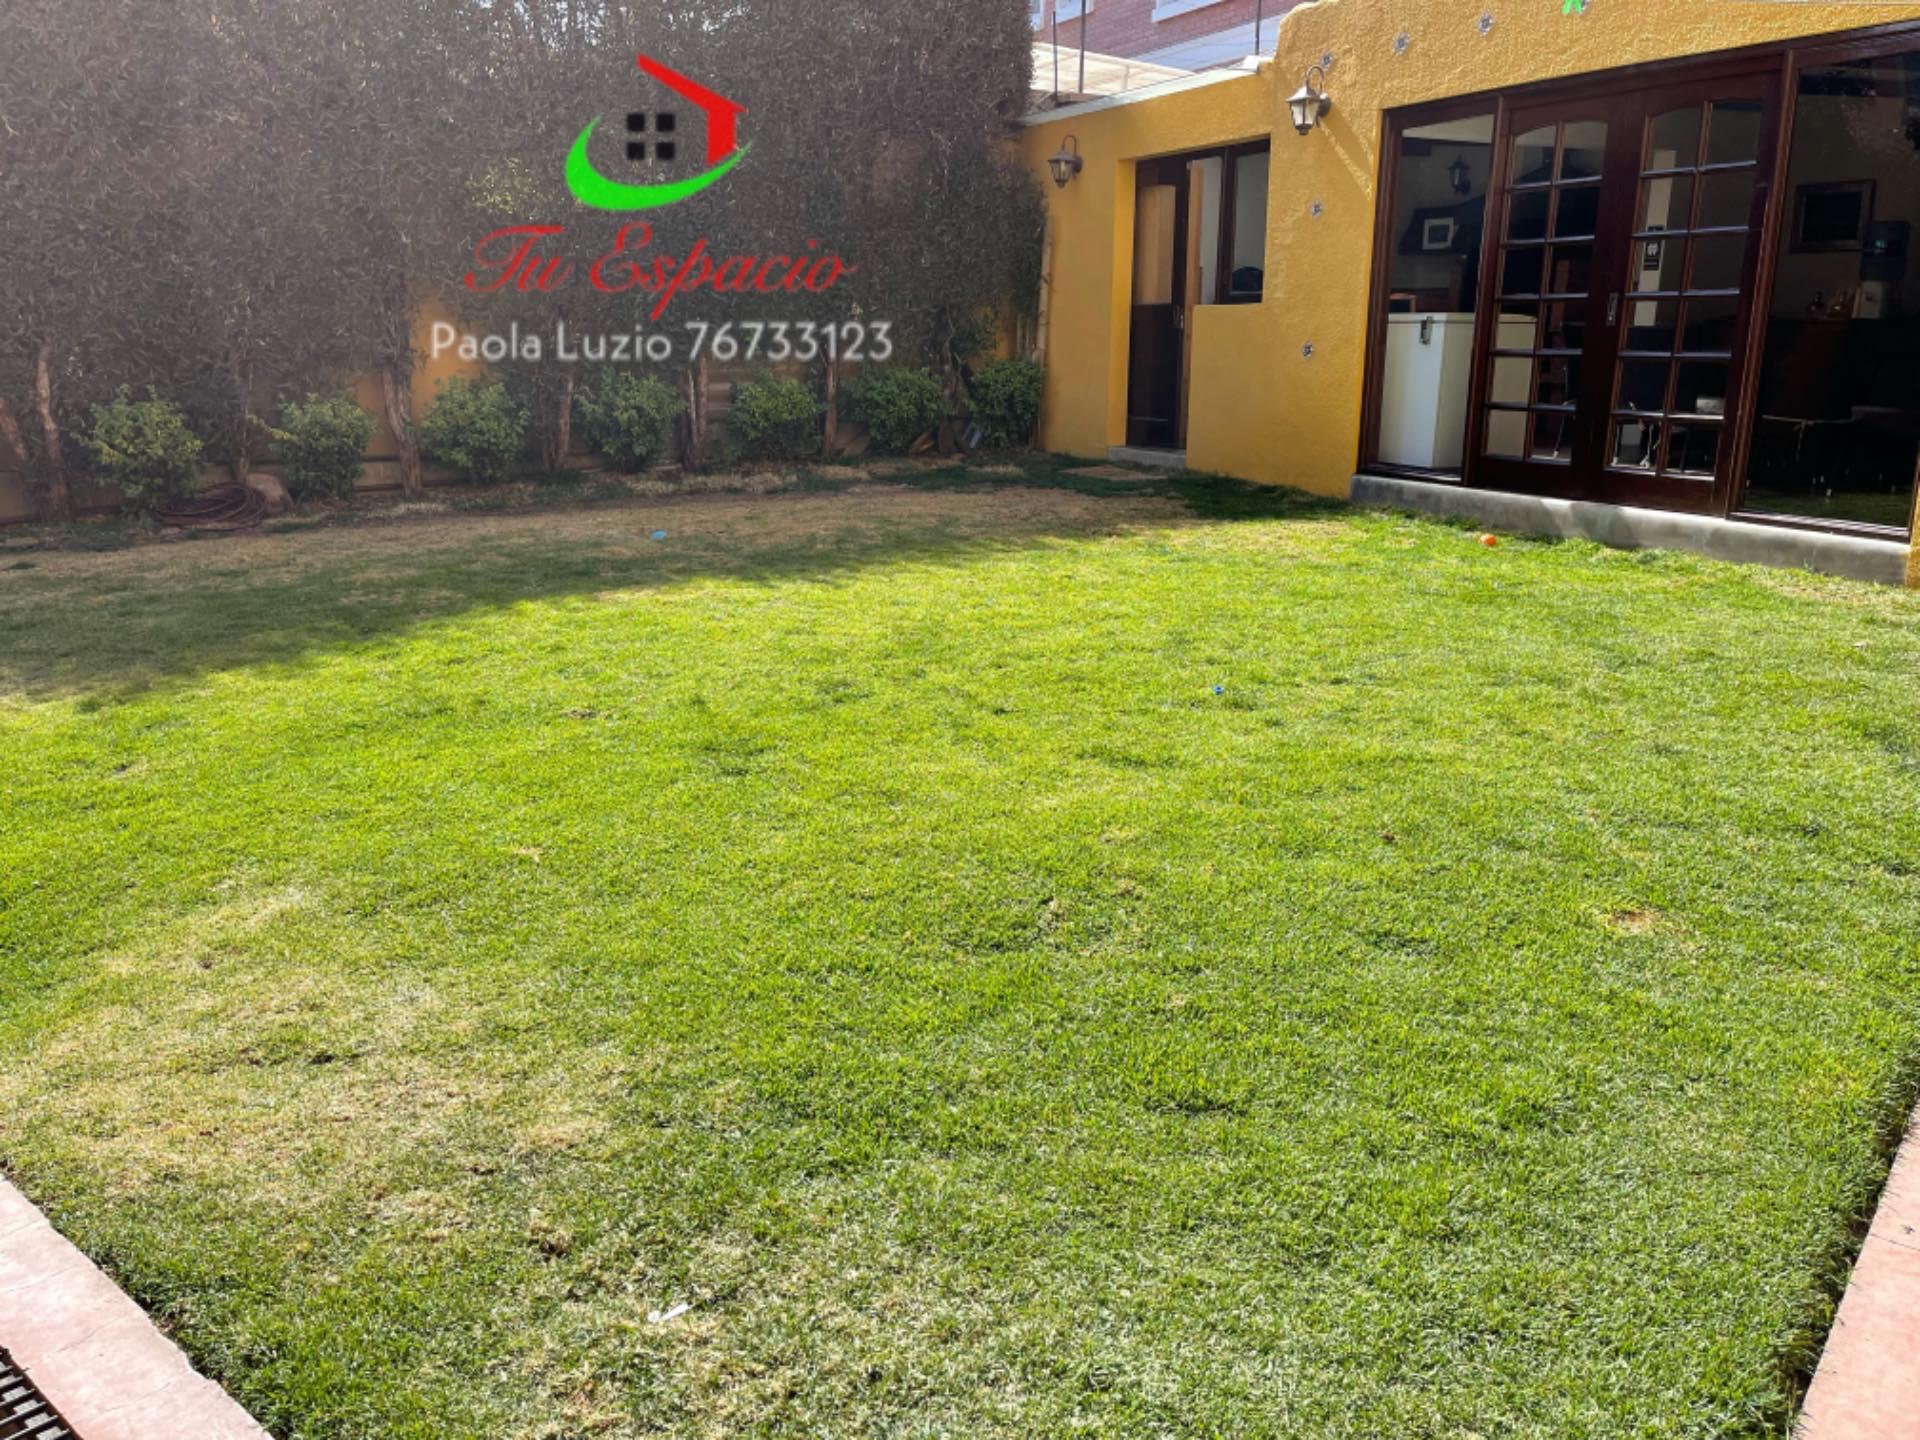 Casa en Venta Achumani Jardines del sur Foto 2